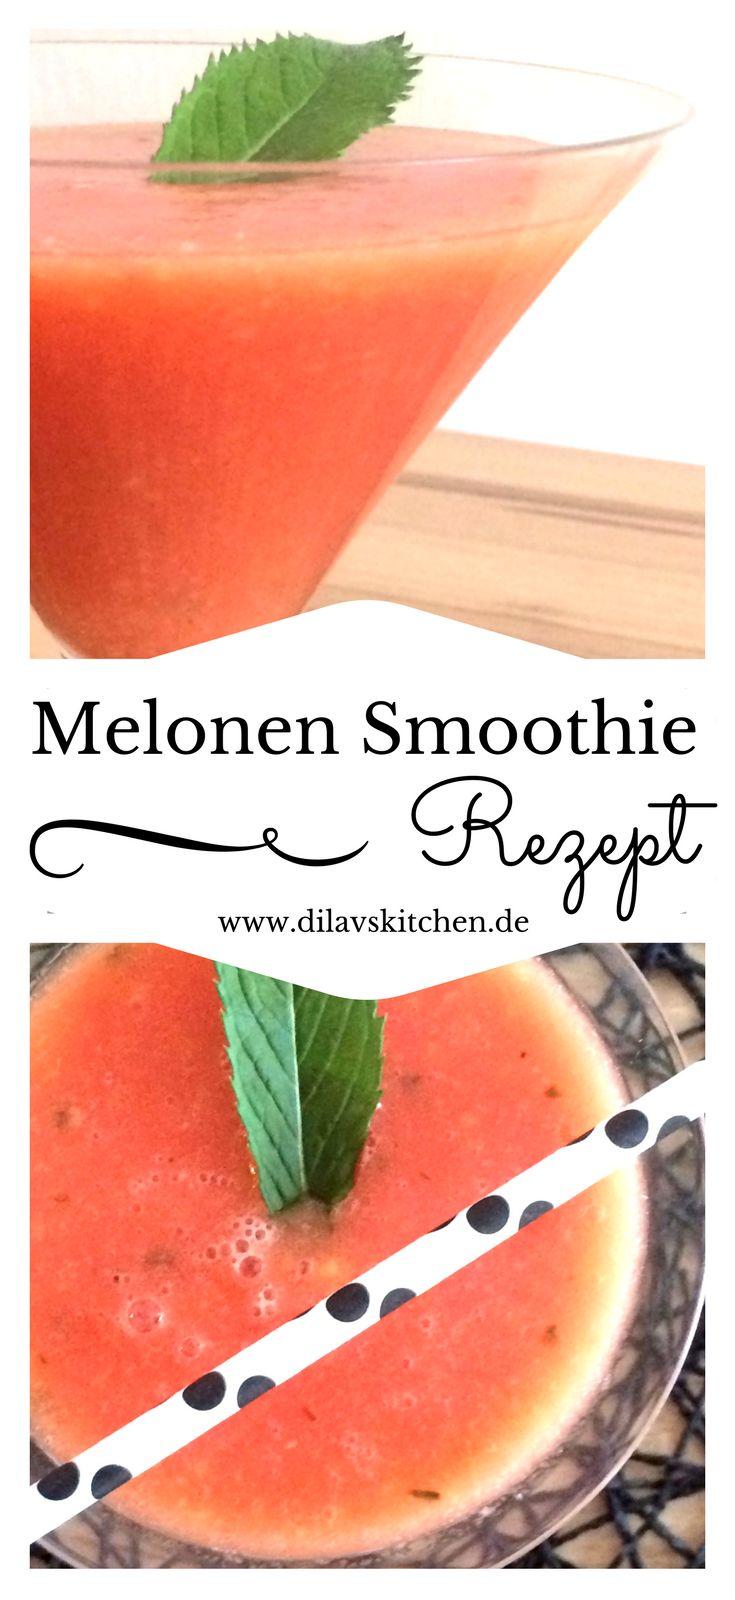 Erfrischend, gesund und lecker - Wassermelonen sind einfach die absoluten Stars des Sommers. Hol dir jetzt das Rezepte für diesen fruchtigen Melonen Smoothie mit frischer Mojito Minze auf www.dilavskitchen.de